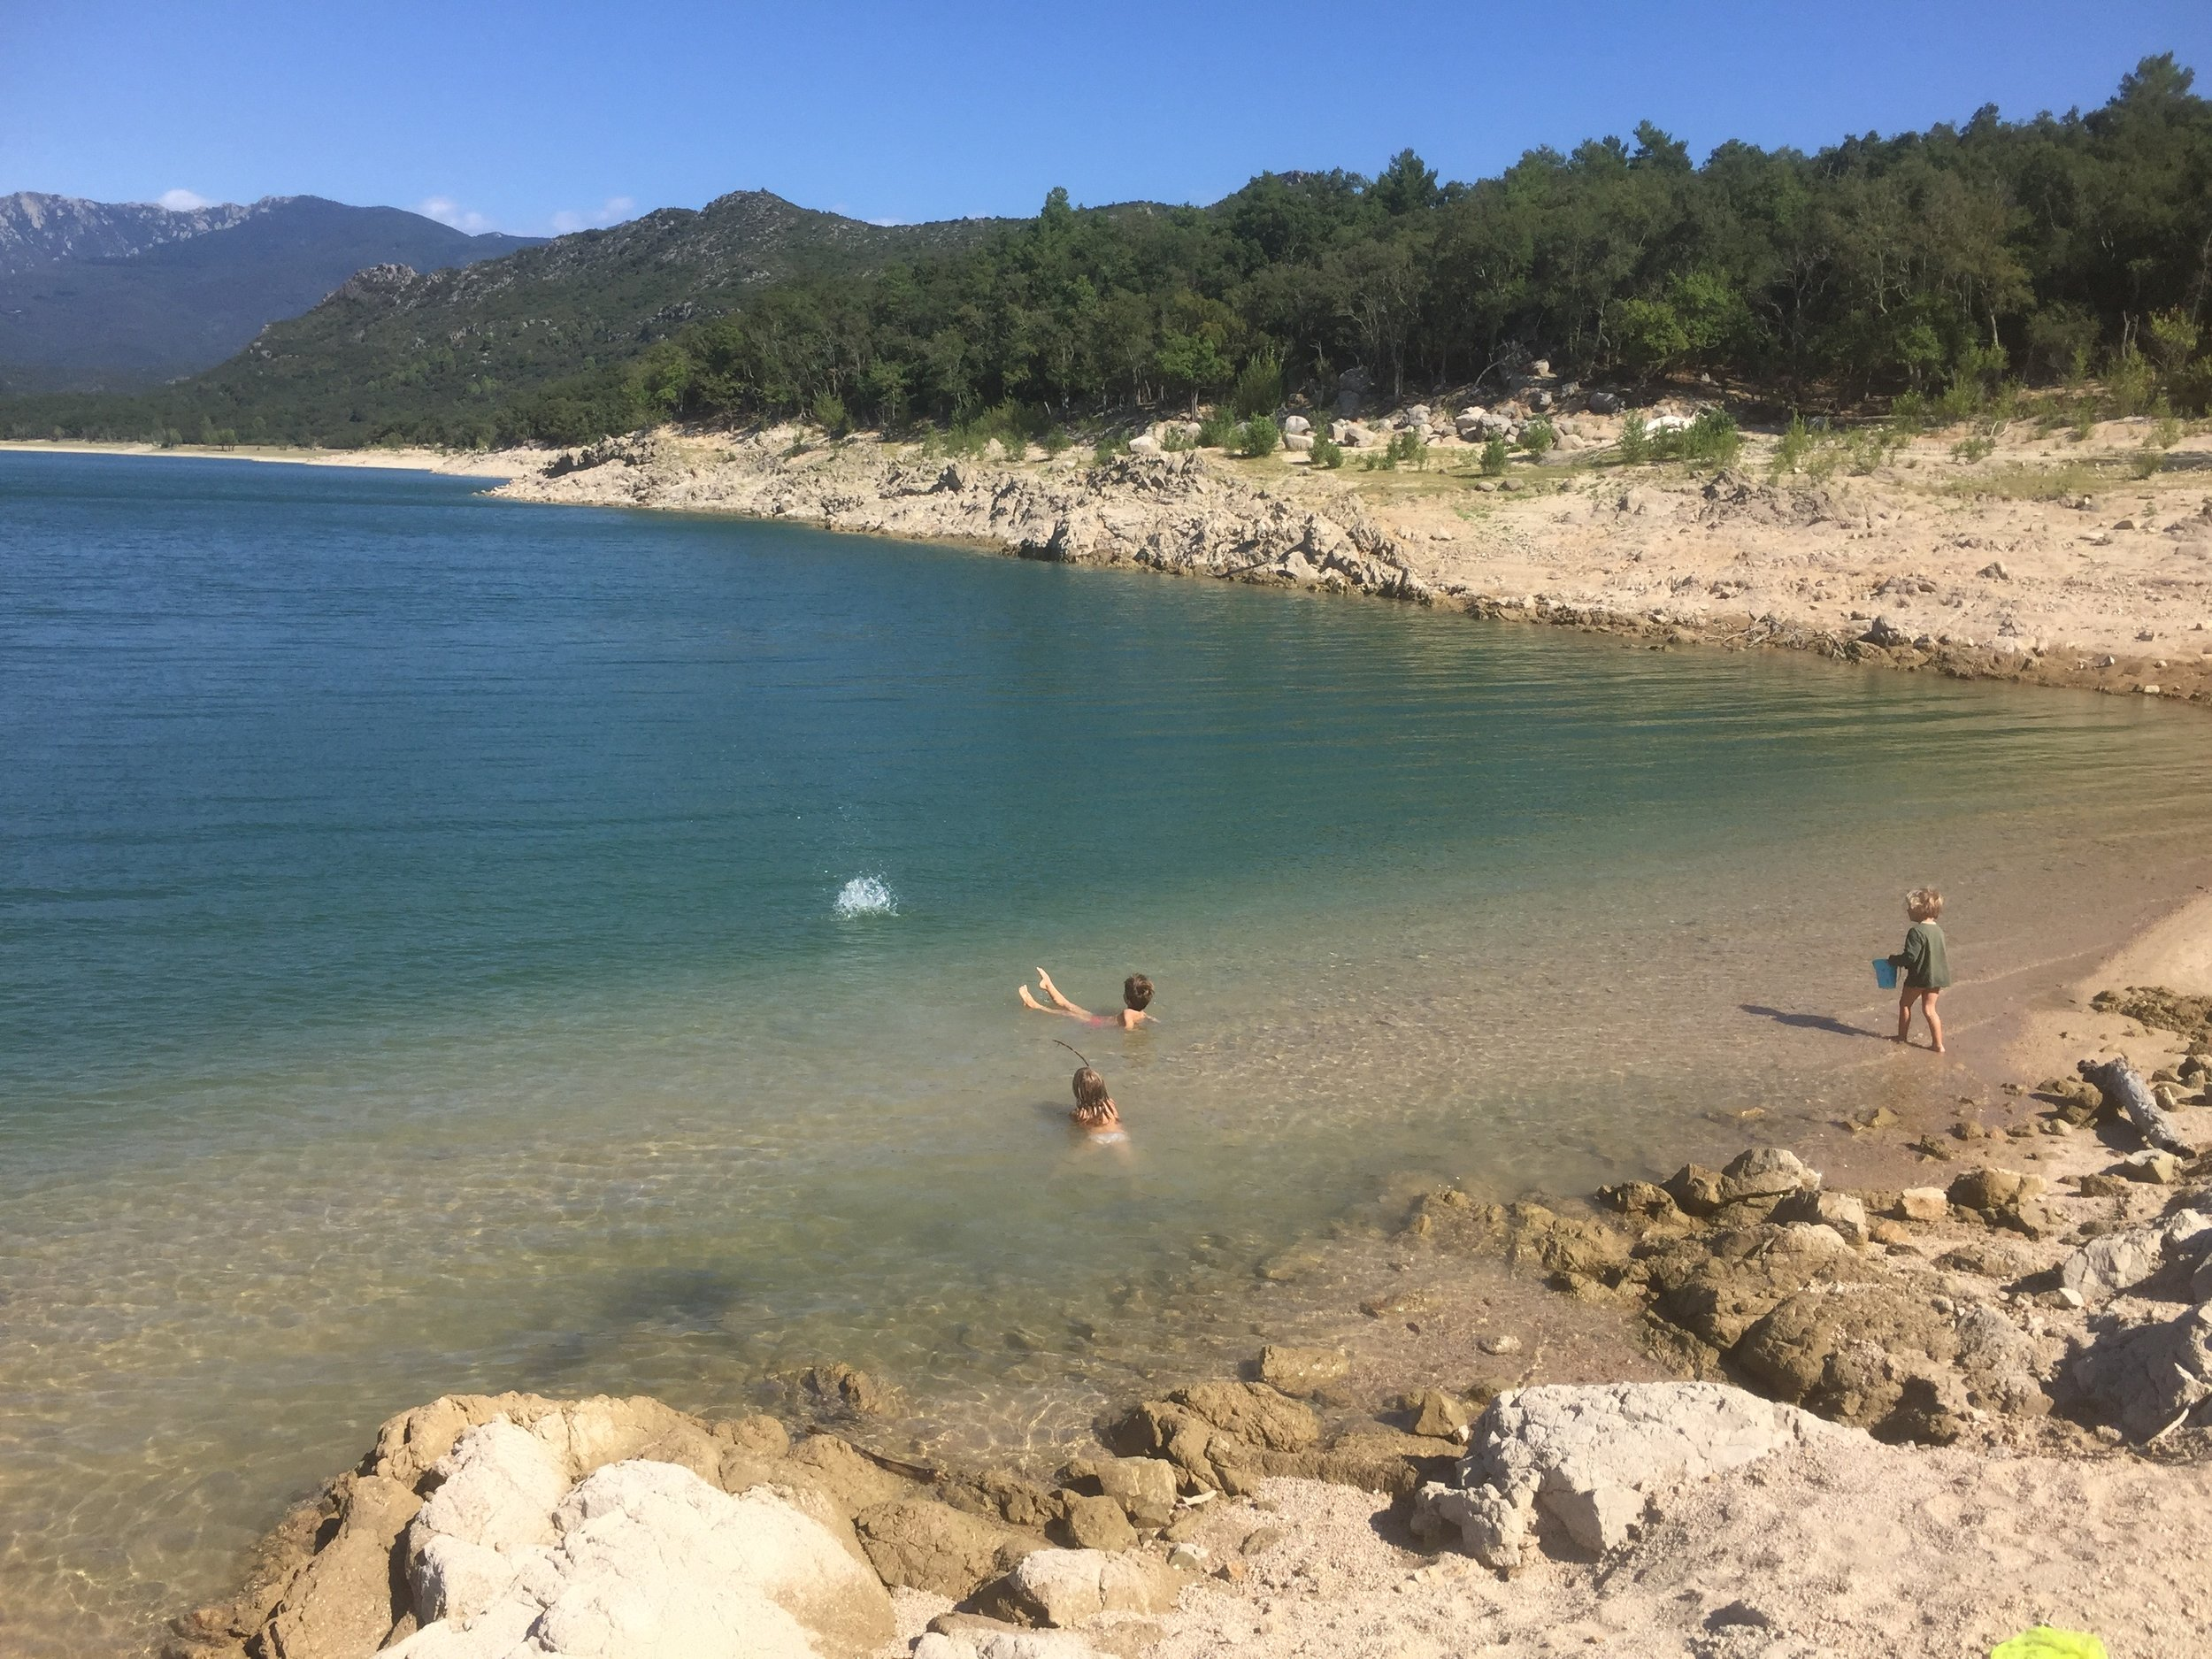 Lake in Darnius, Spain